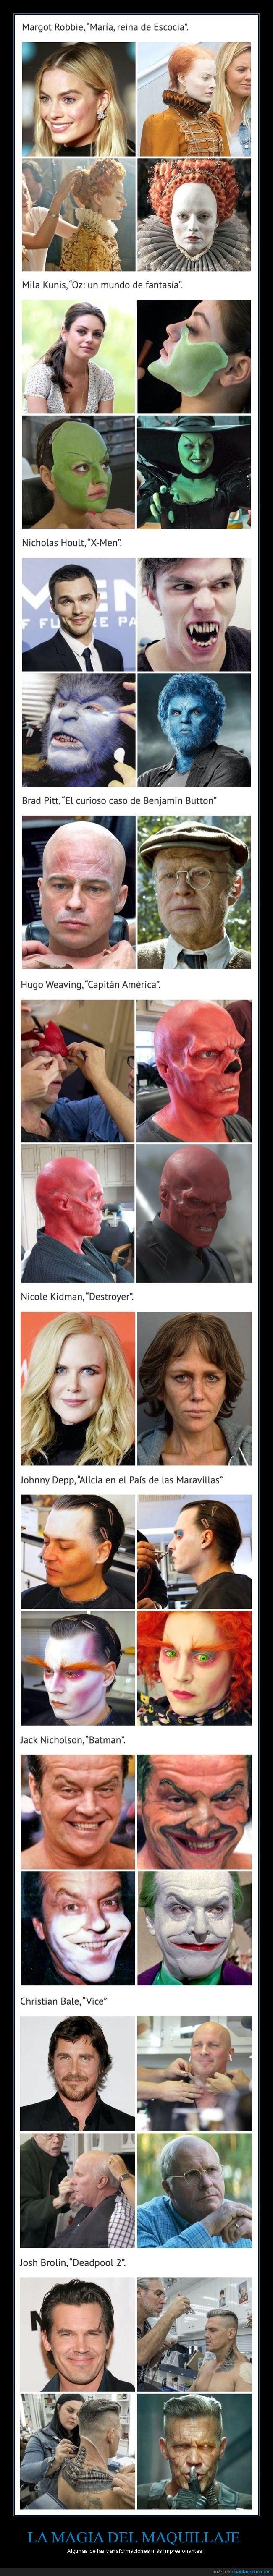 actores,antes,cine,después,maquillaje,películas